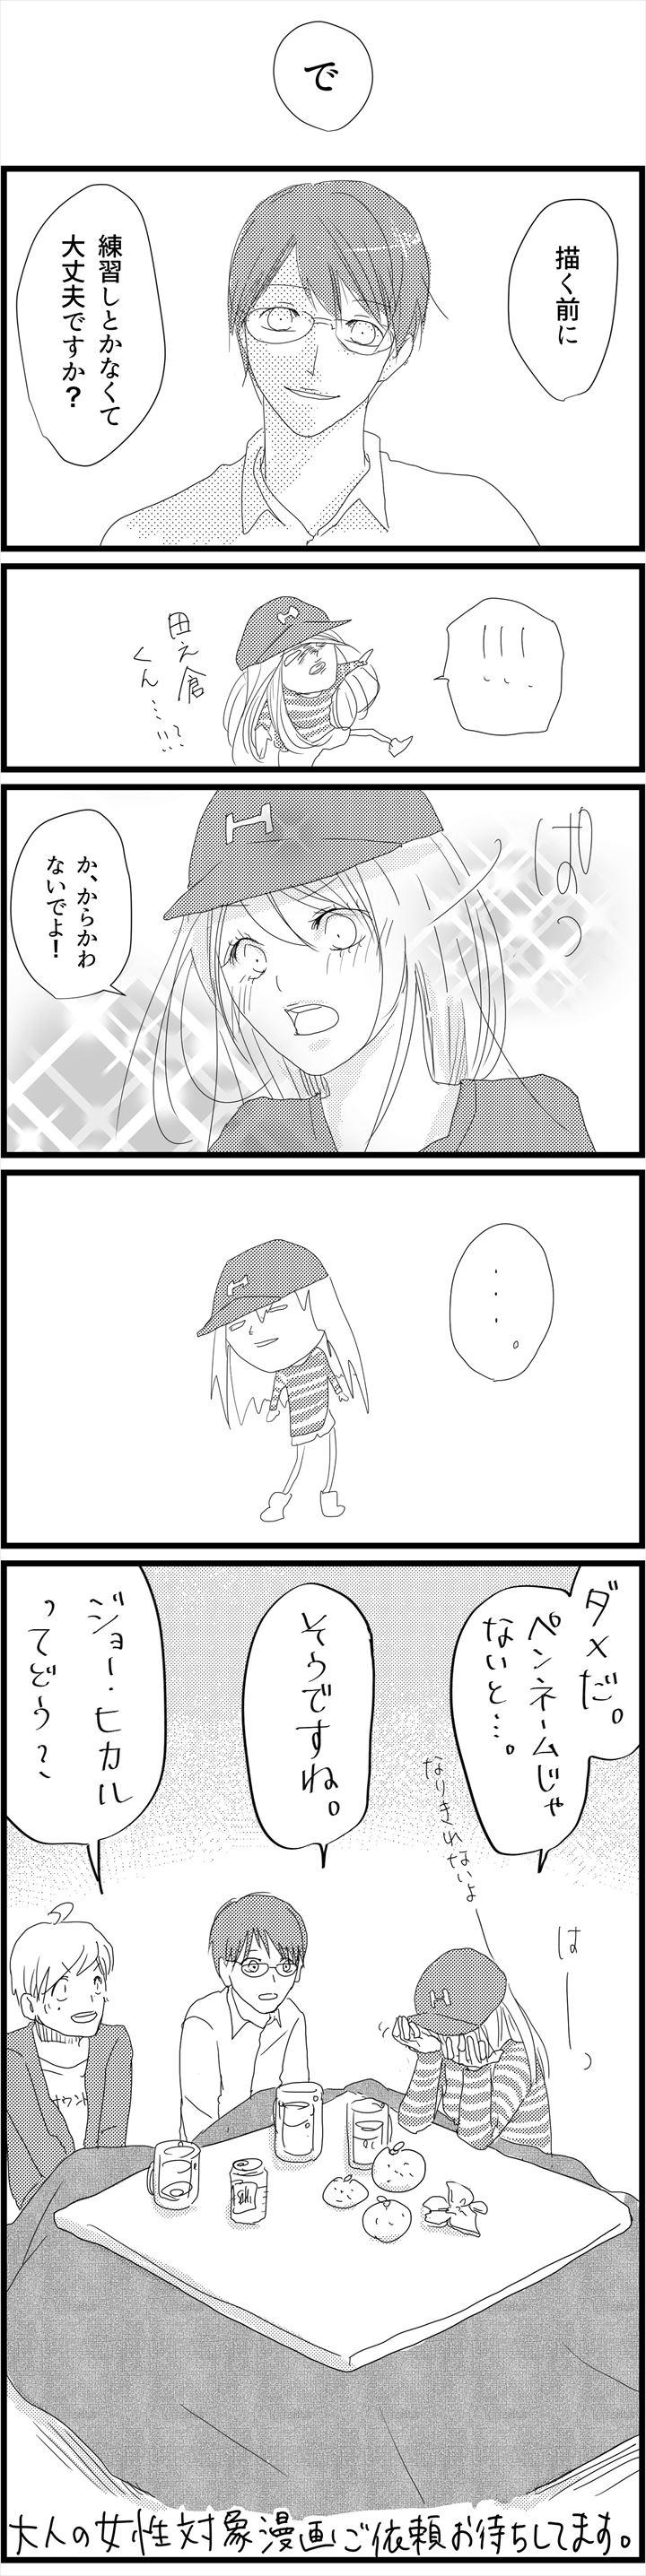 yajima7.2_R